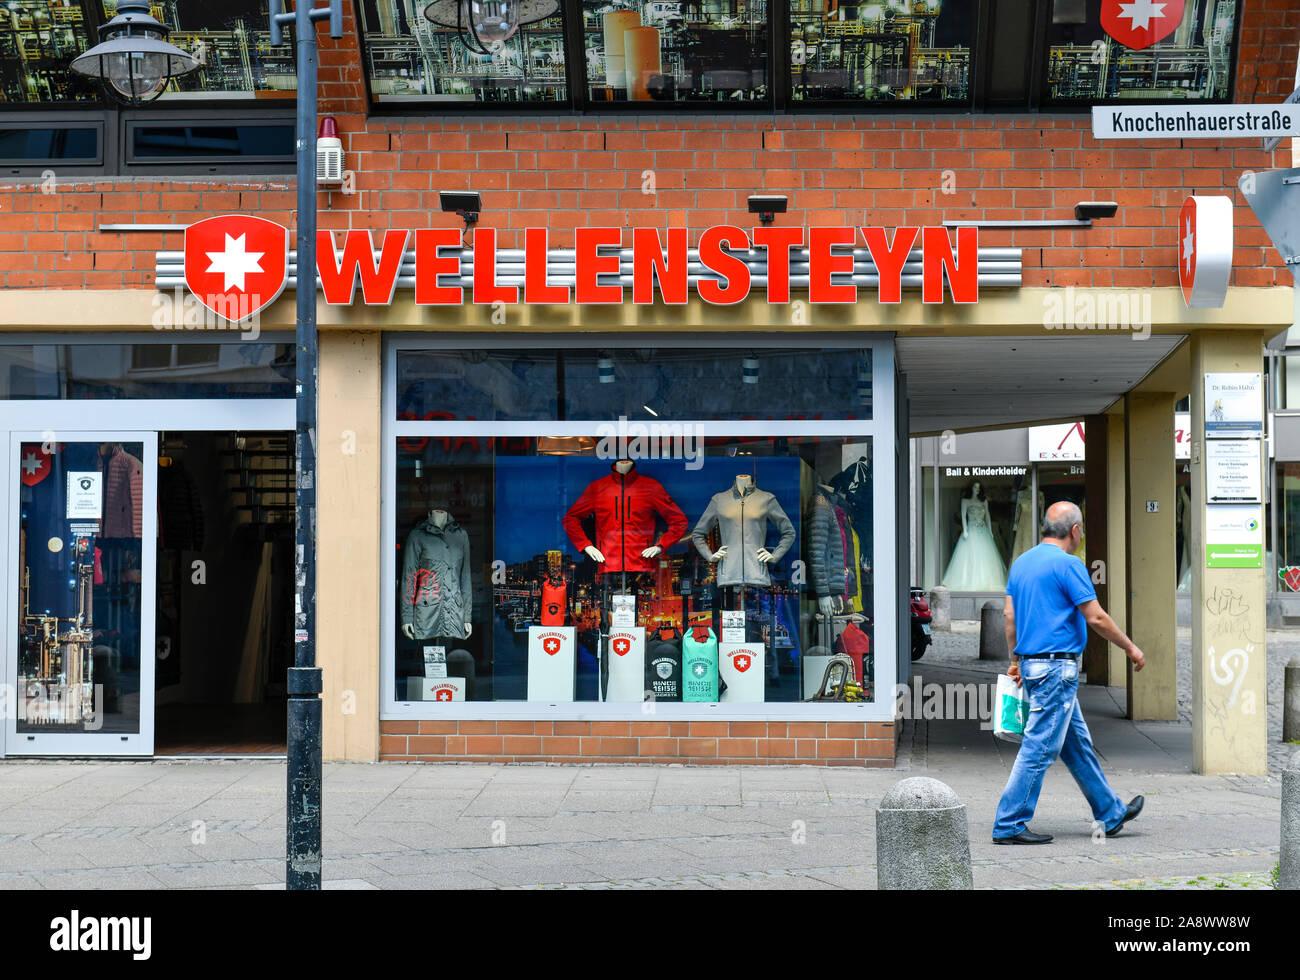 am besten auswählen innovatives Design professionelle Website Wellensteyn, Knochenhauerstraße, Bremen, Deutschland Stock Photo ...